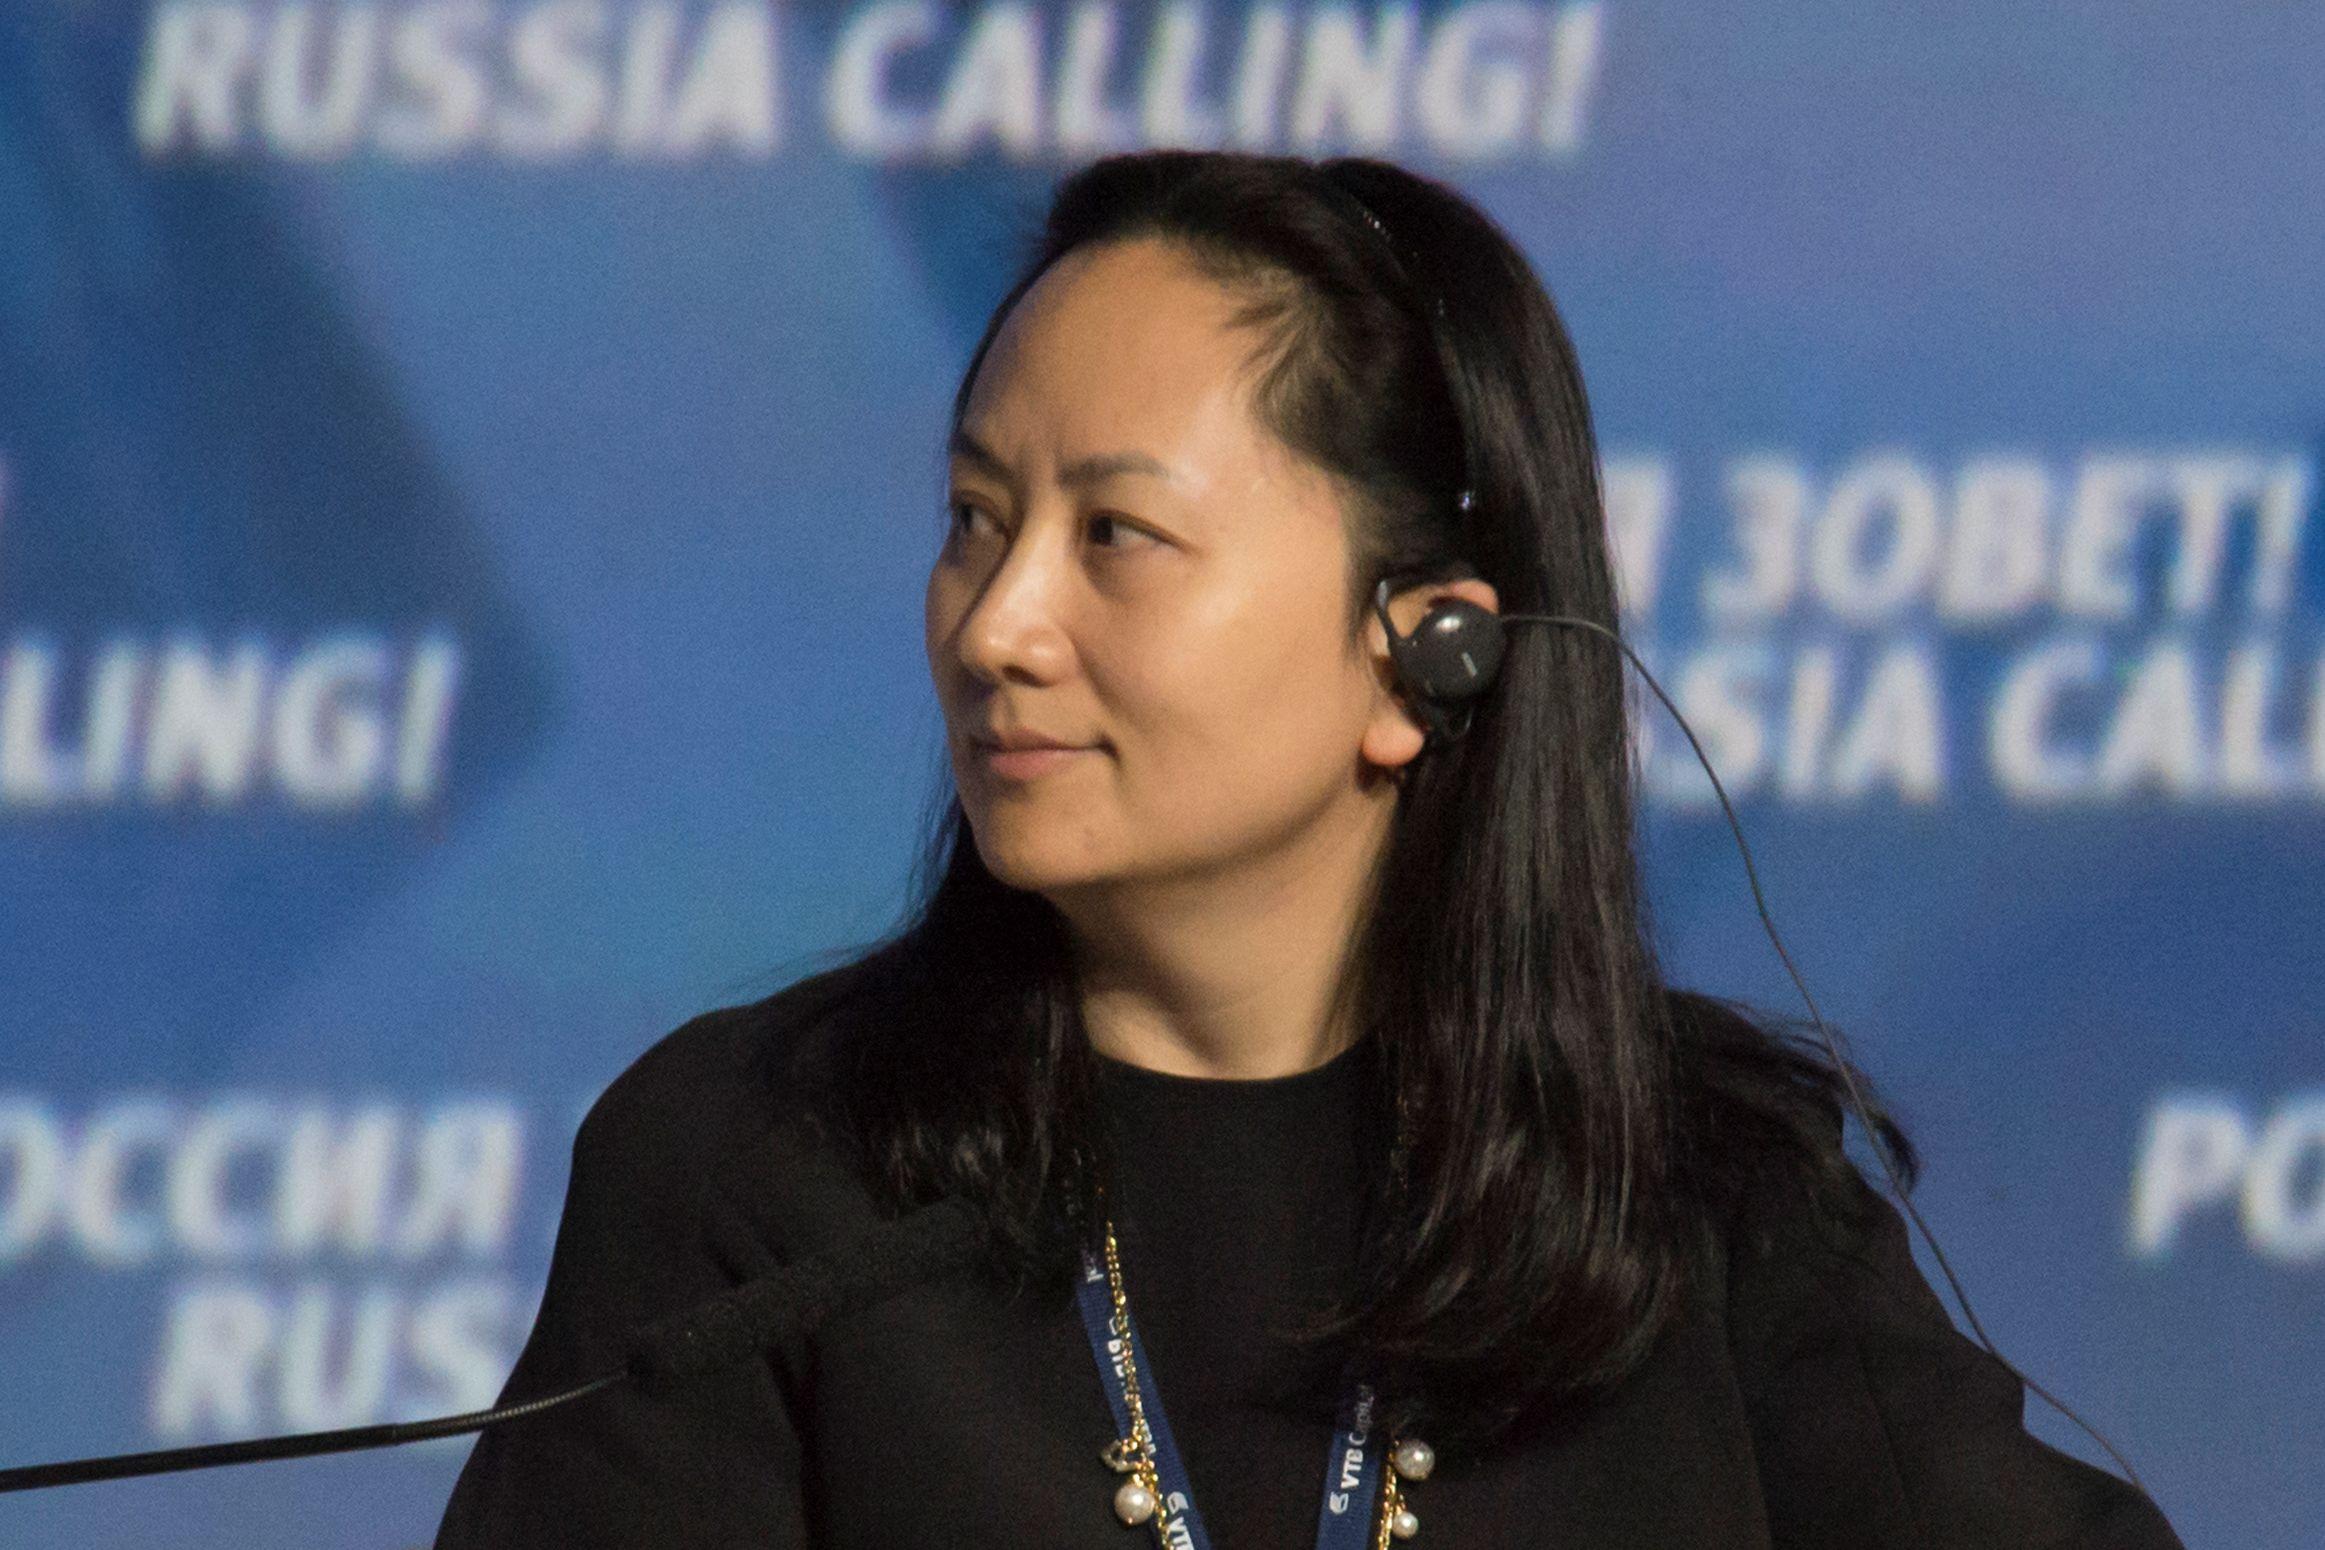 Huawei: Novos documentos dificultam 'vida' de executiva acusada pelos EUA